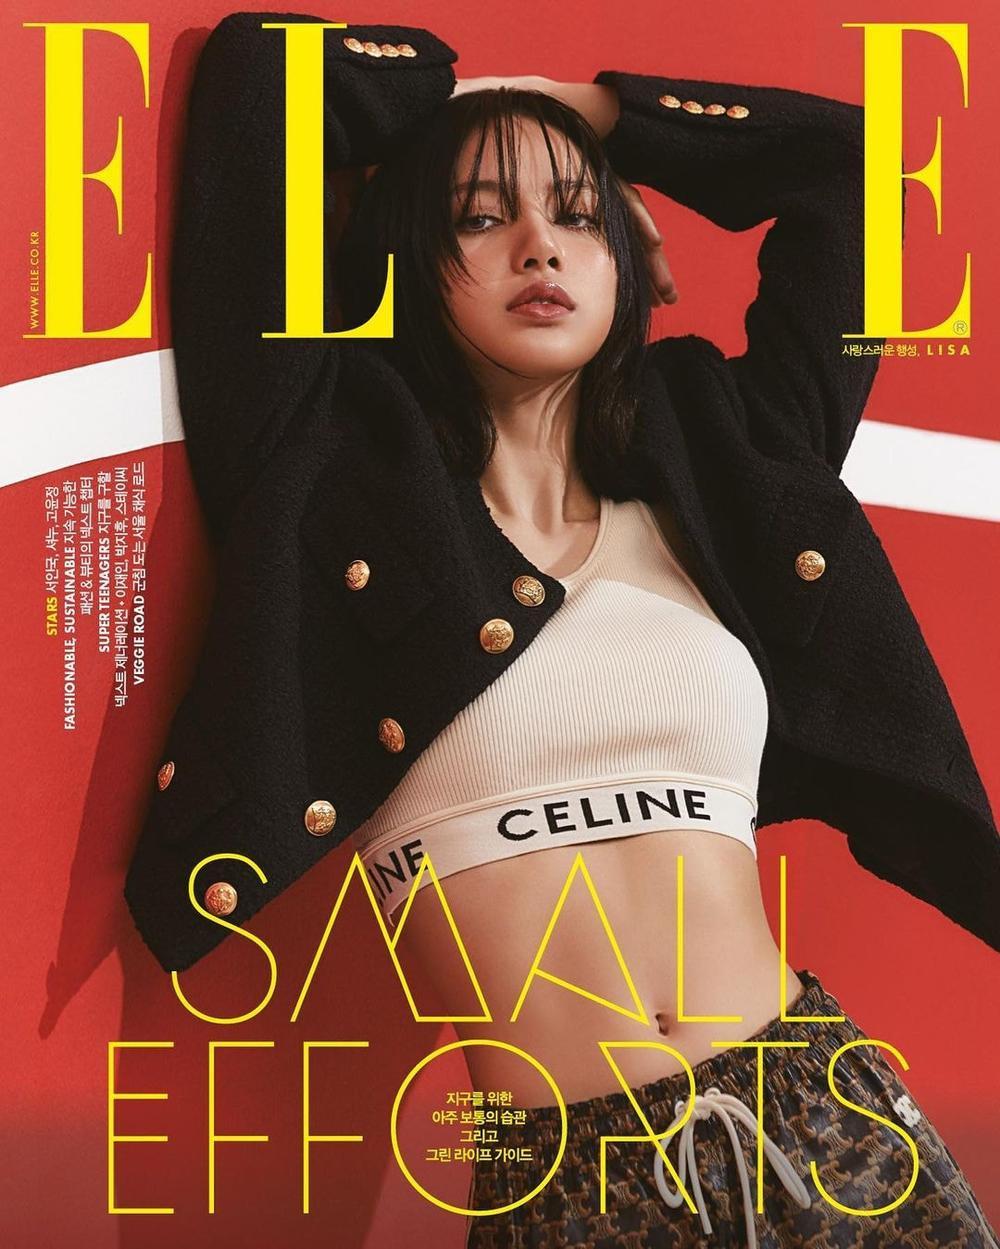 Lisa Black Pink khoe body 'vạn người mê' xứng danh nàng thơ Celine trên tạp chí Elle Ảnh 1